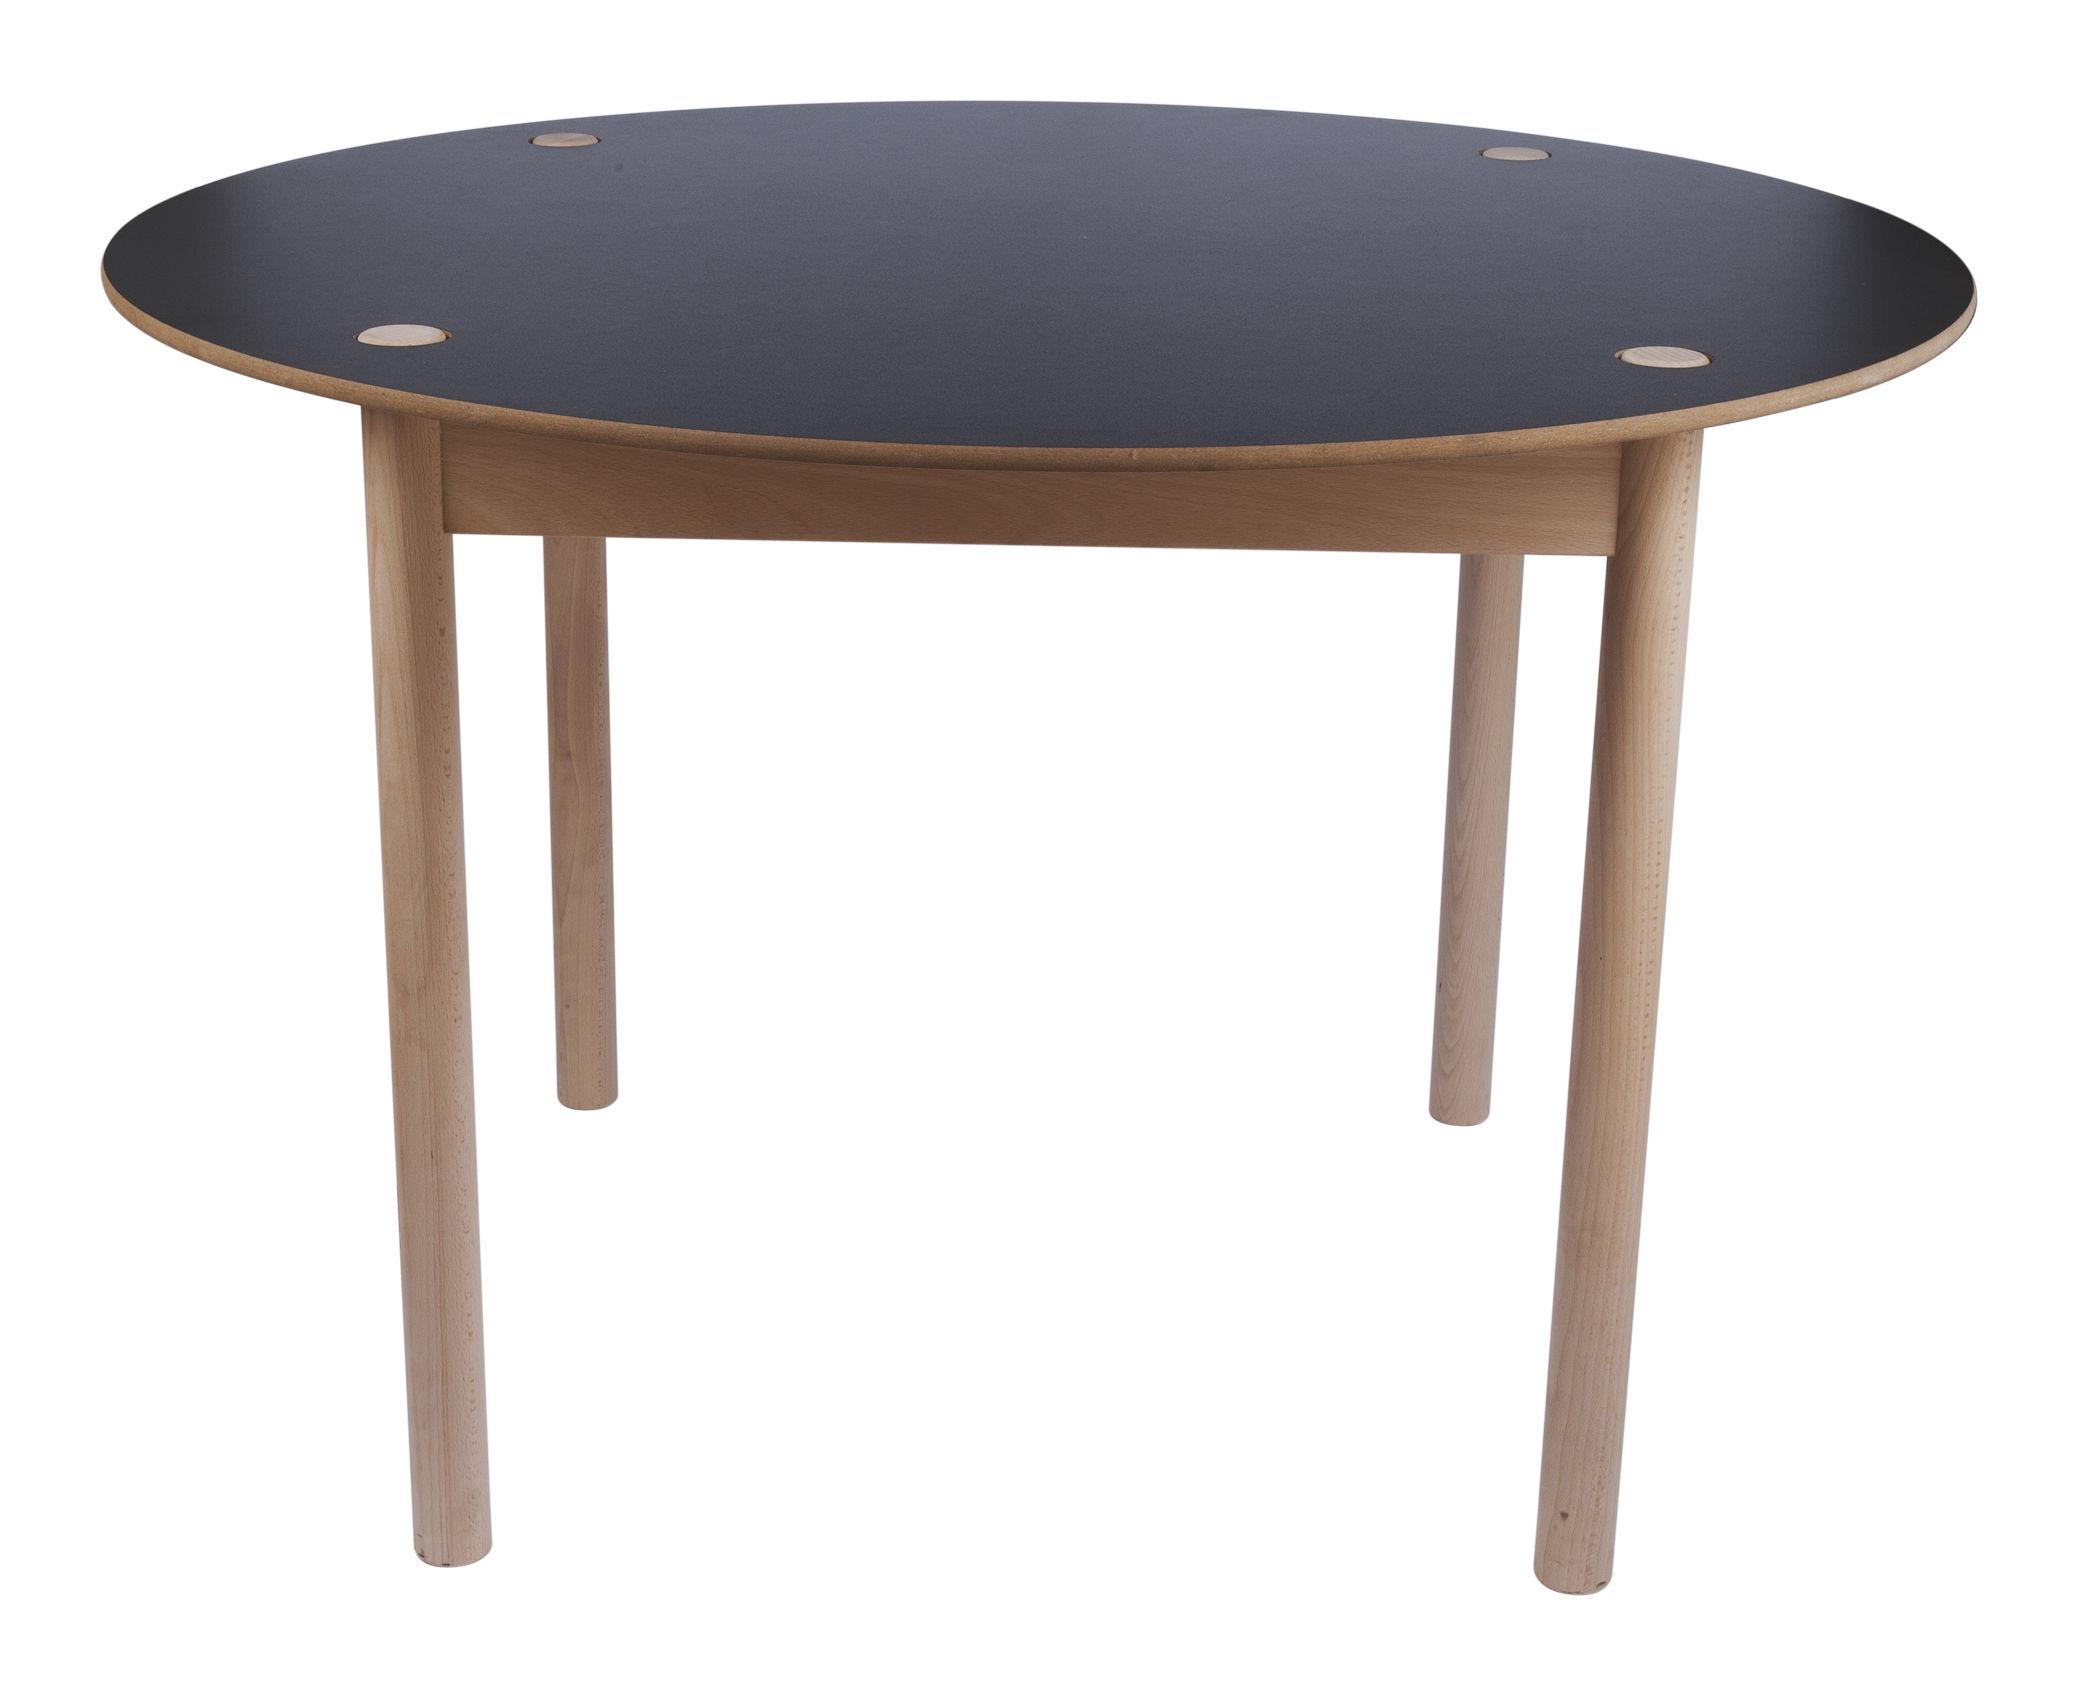 Maison et Objet - Minimalisme - Table C44 / Ø 110 cm - Plateau réversible - Hay - Ø 110 cm - Plateau réversible : noir / blanc - Hêtre massif, MDF plaqué laminé